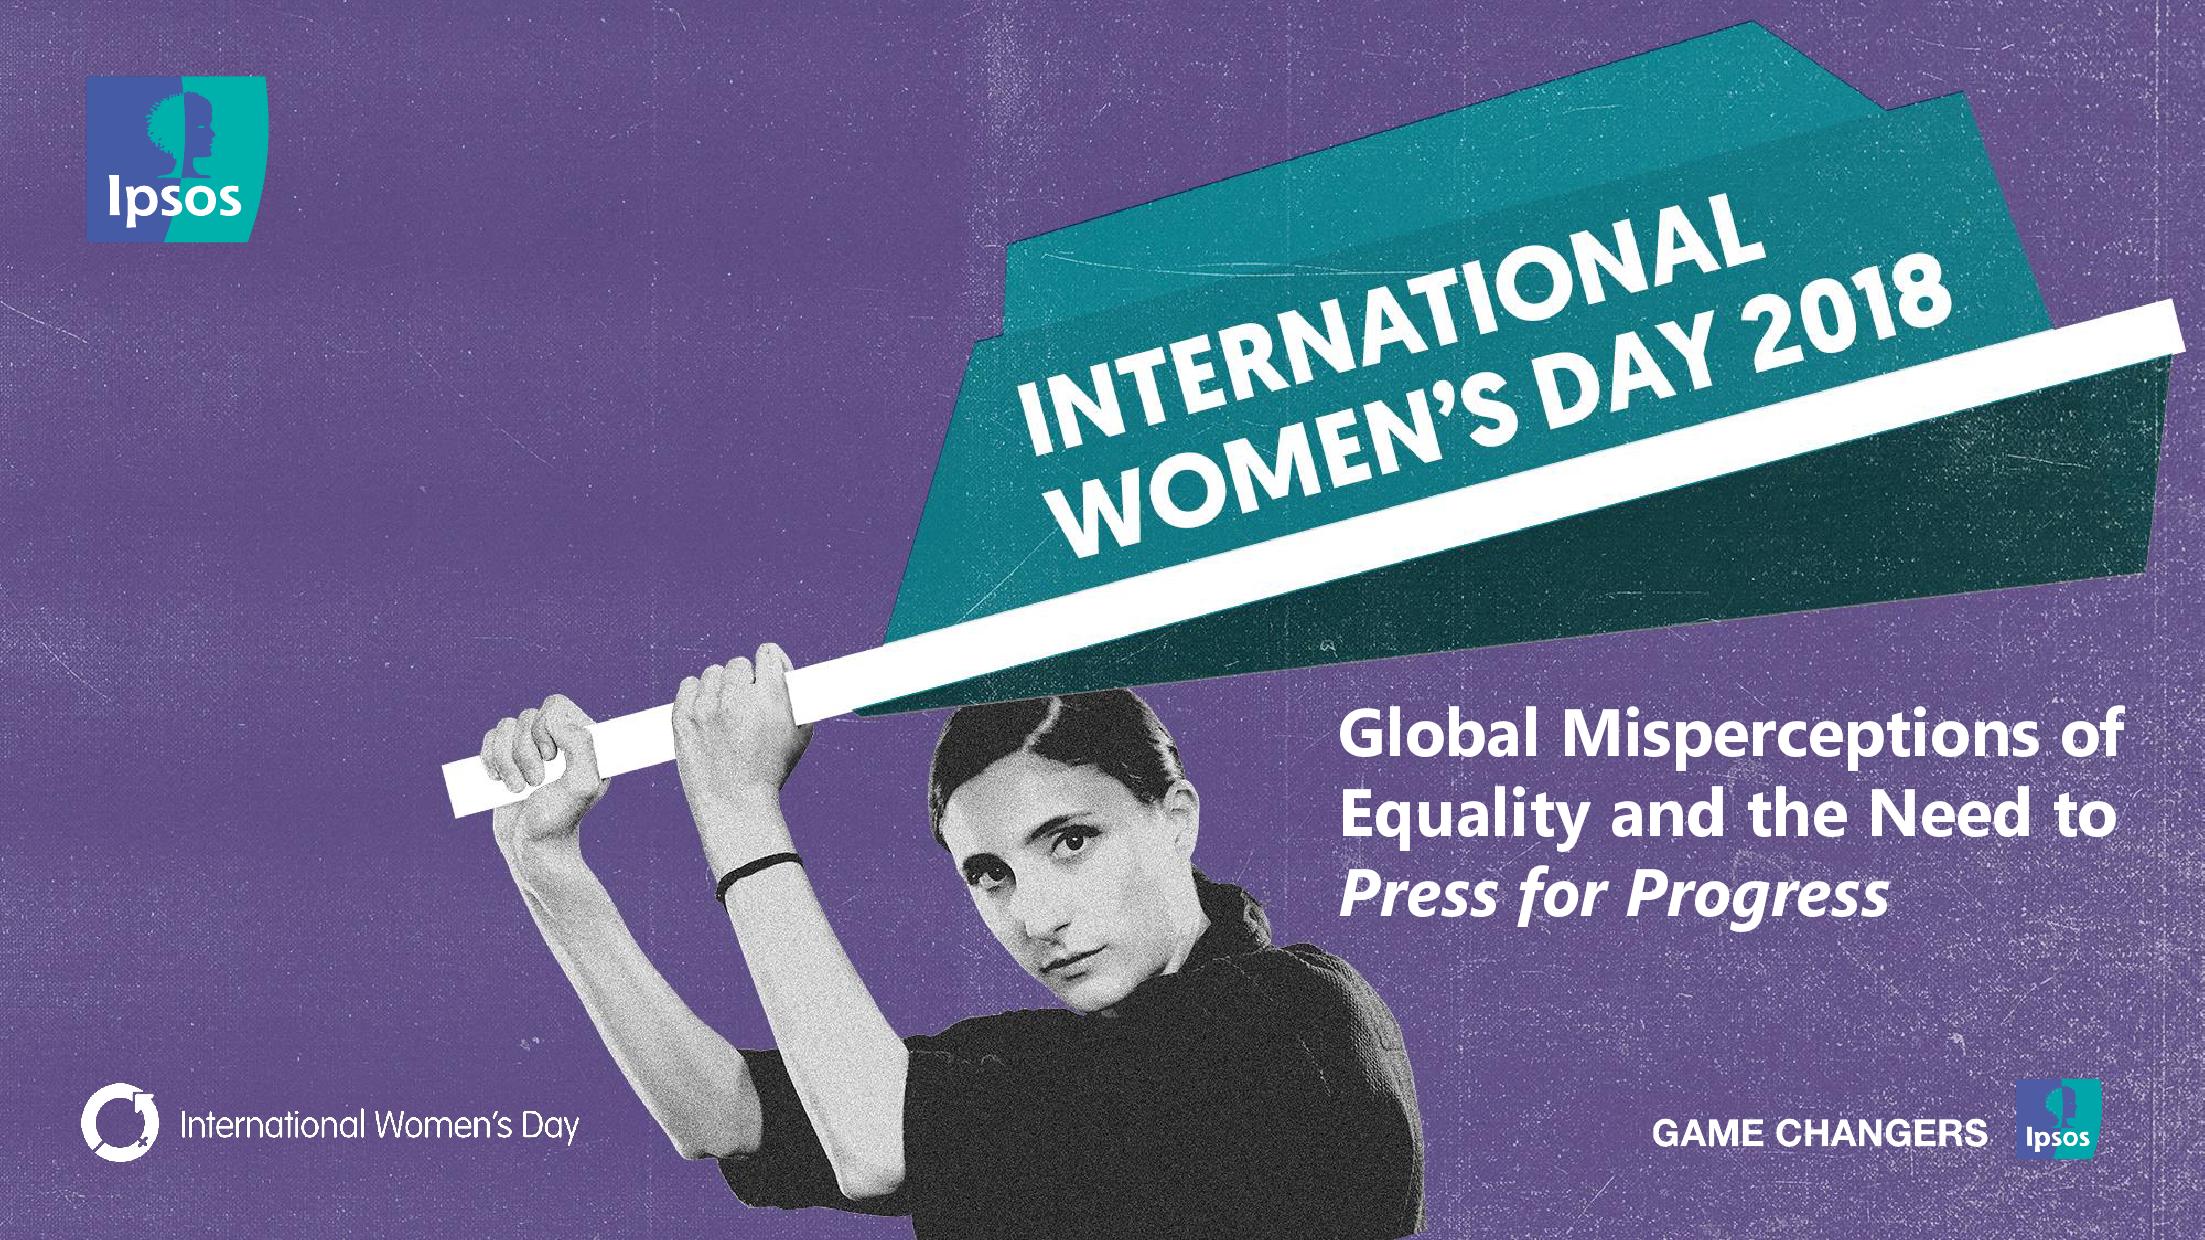 国际妇女节:全球对平等的错误认识以及对新闻进步的需求报告(附下载)